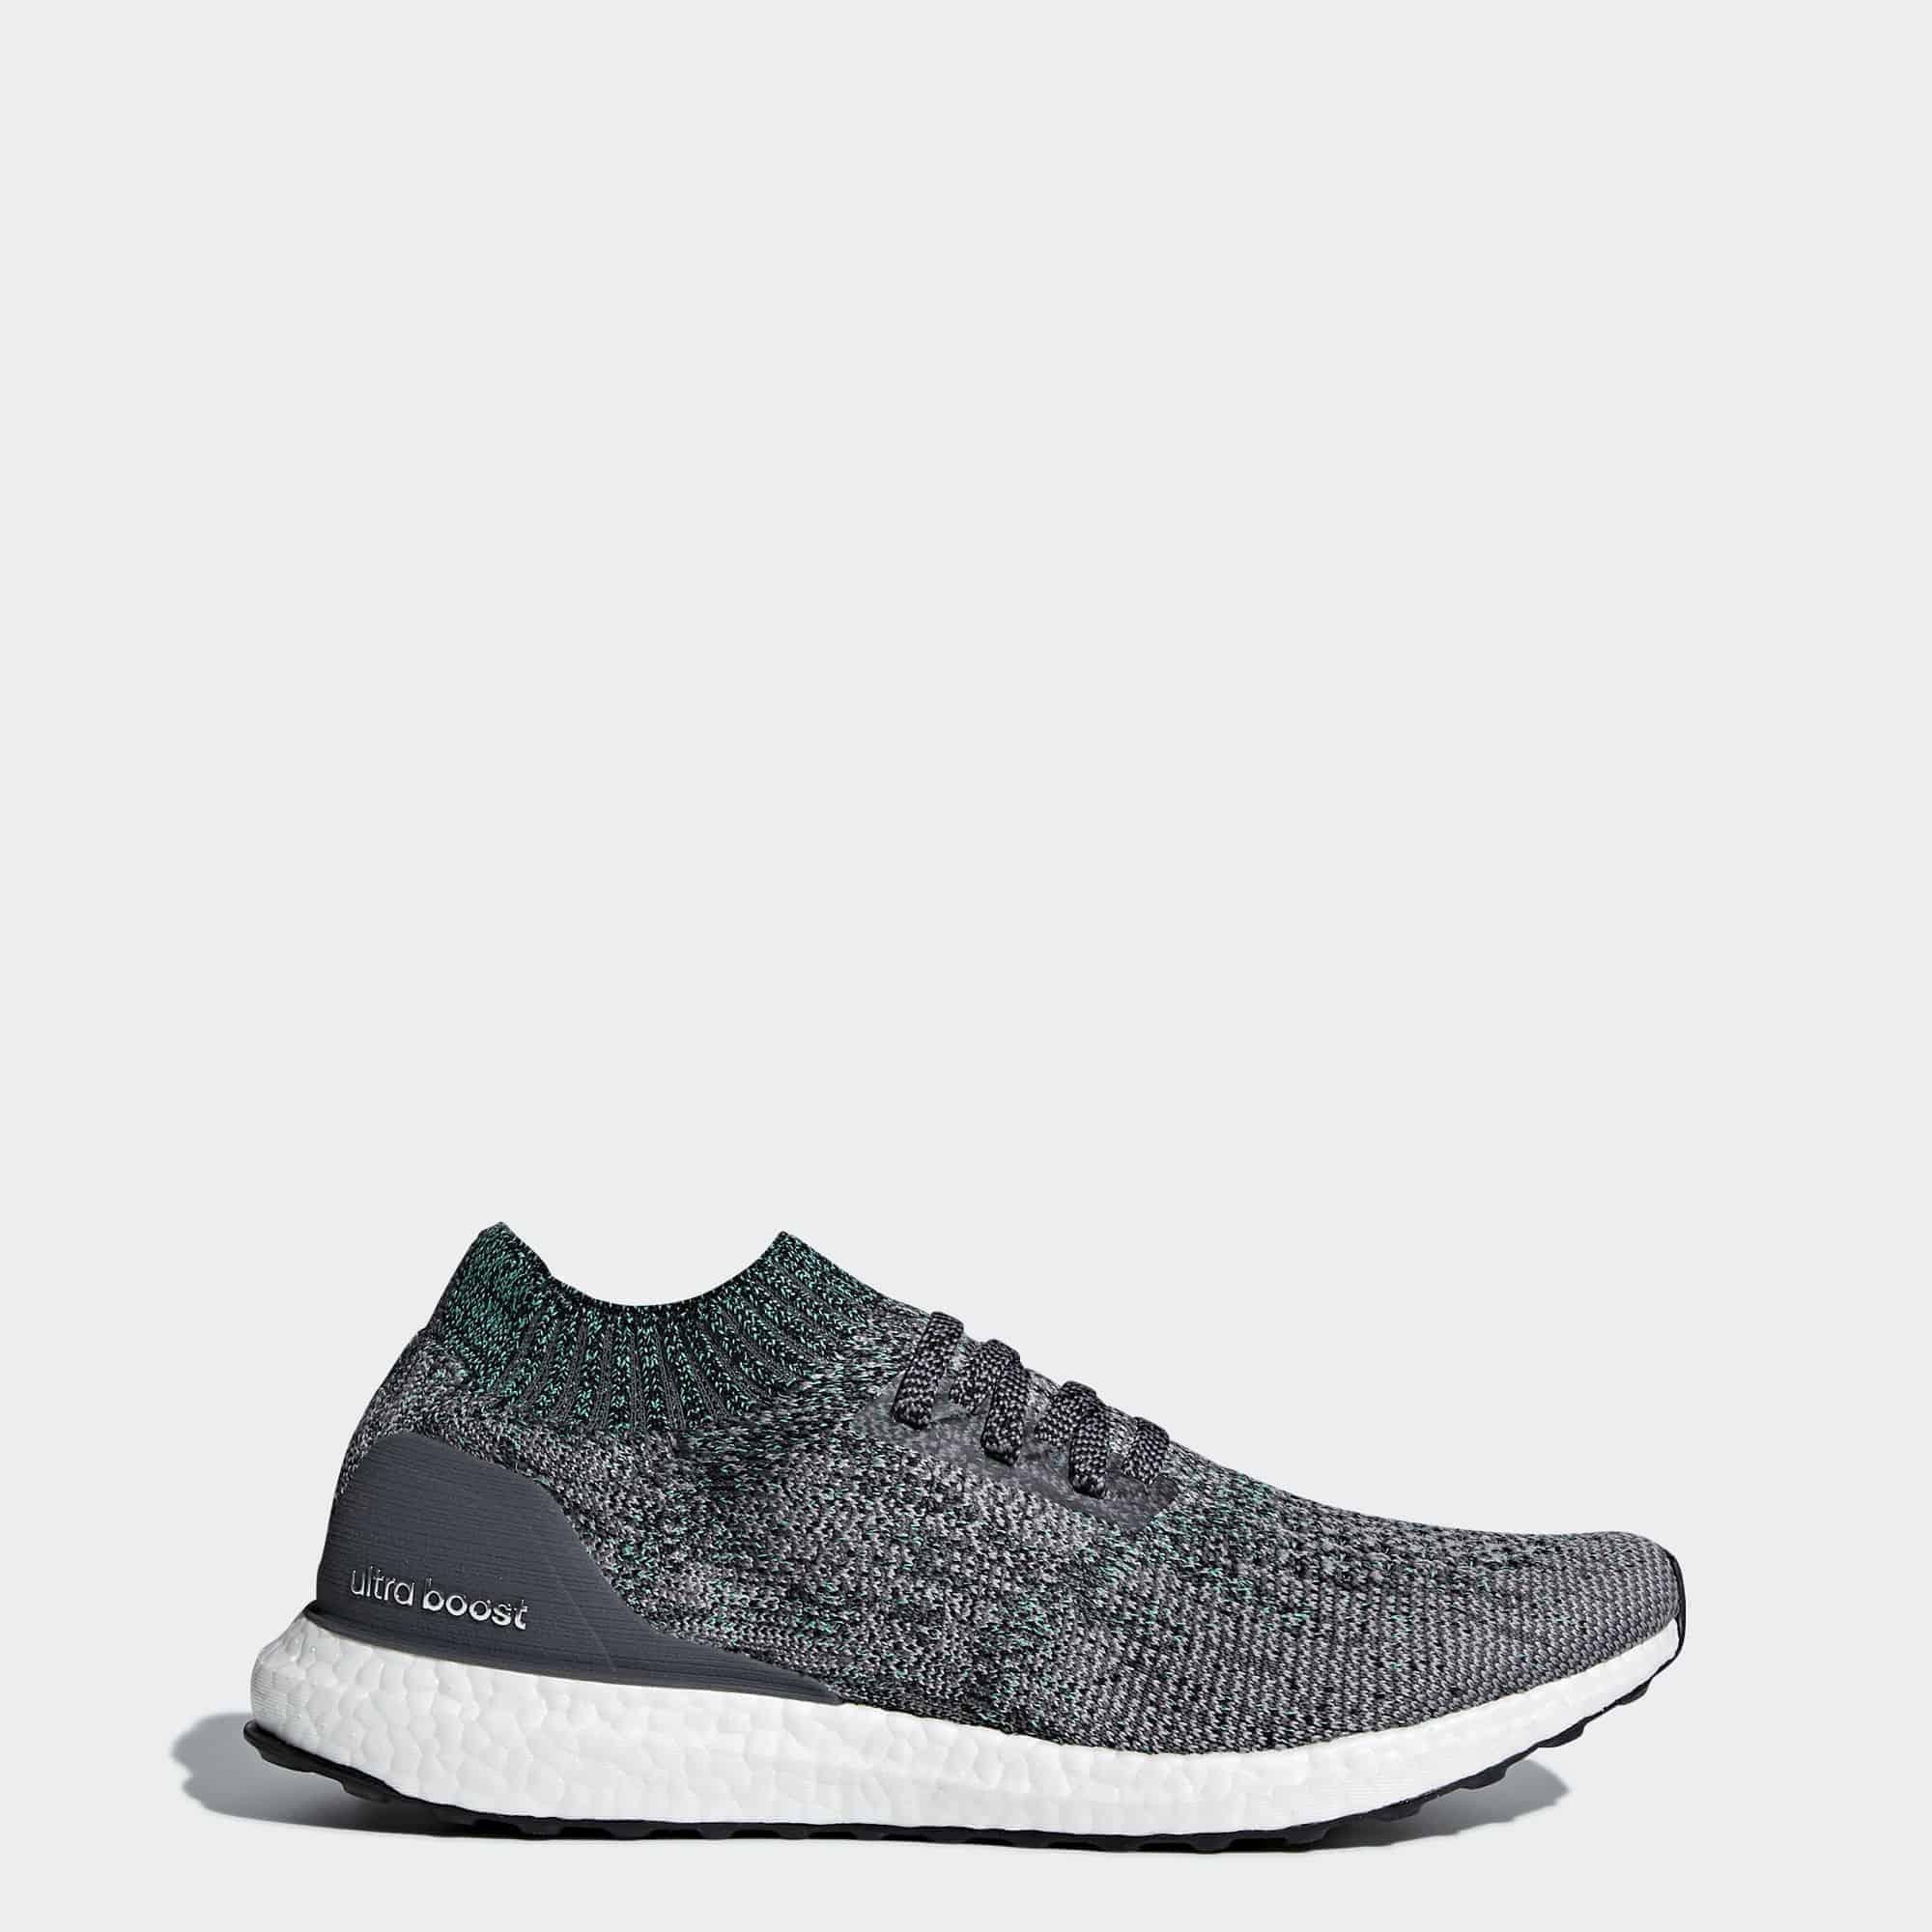 Кроссовки для бега Adidas Ultraboost Uncaged мужские